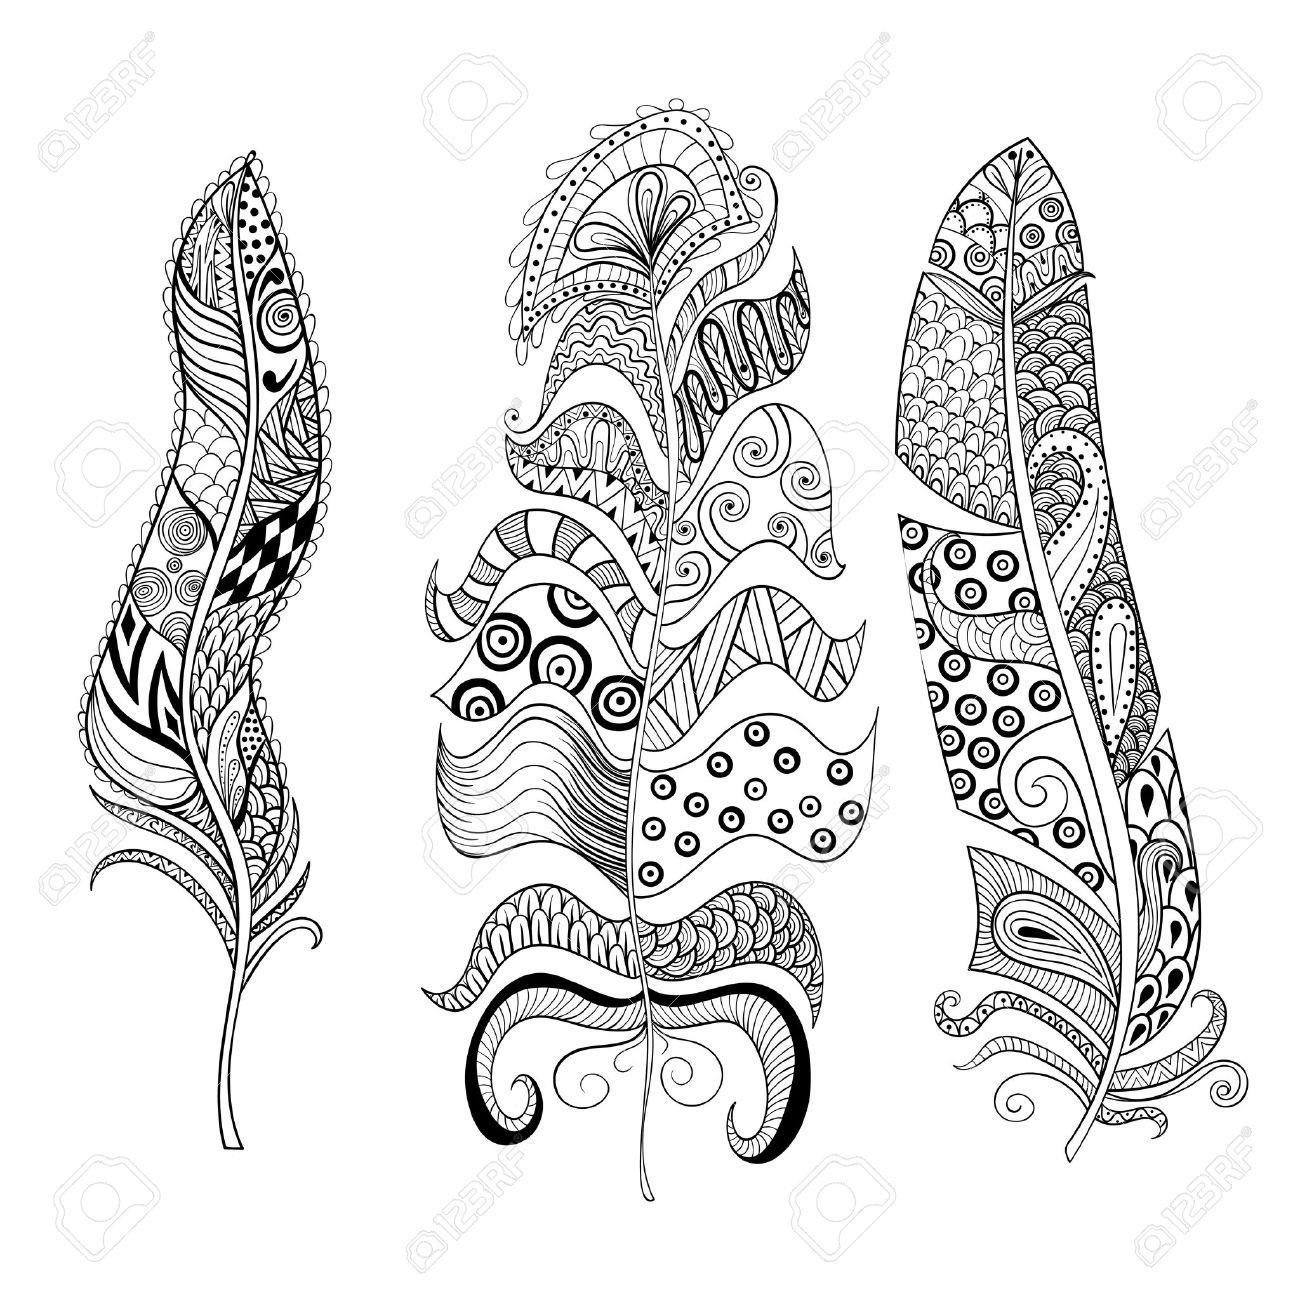 Zentangle Stilisierten Elegant Federn Eingestellt Hand Gezeichnet